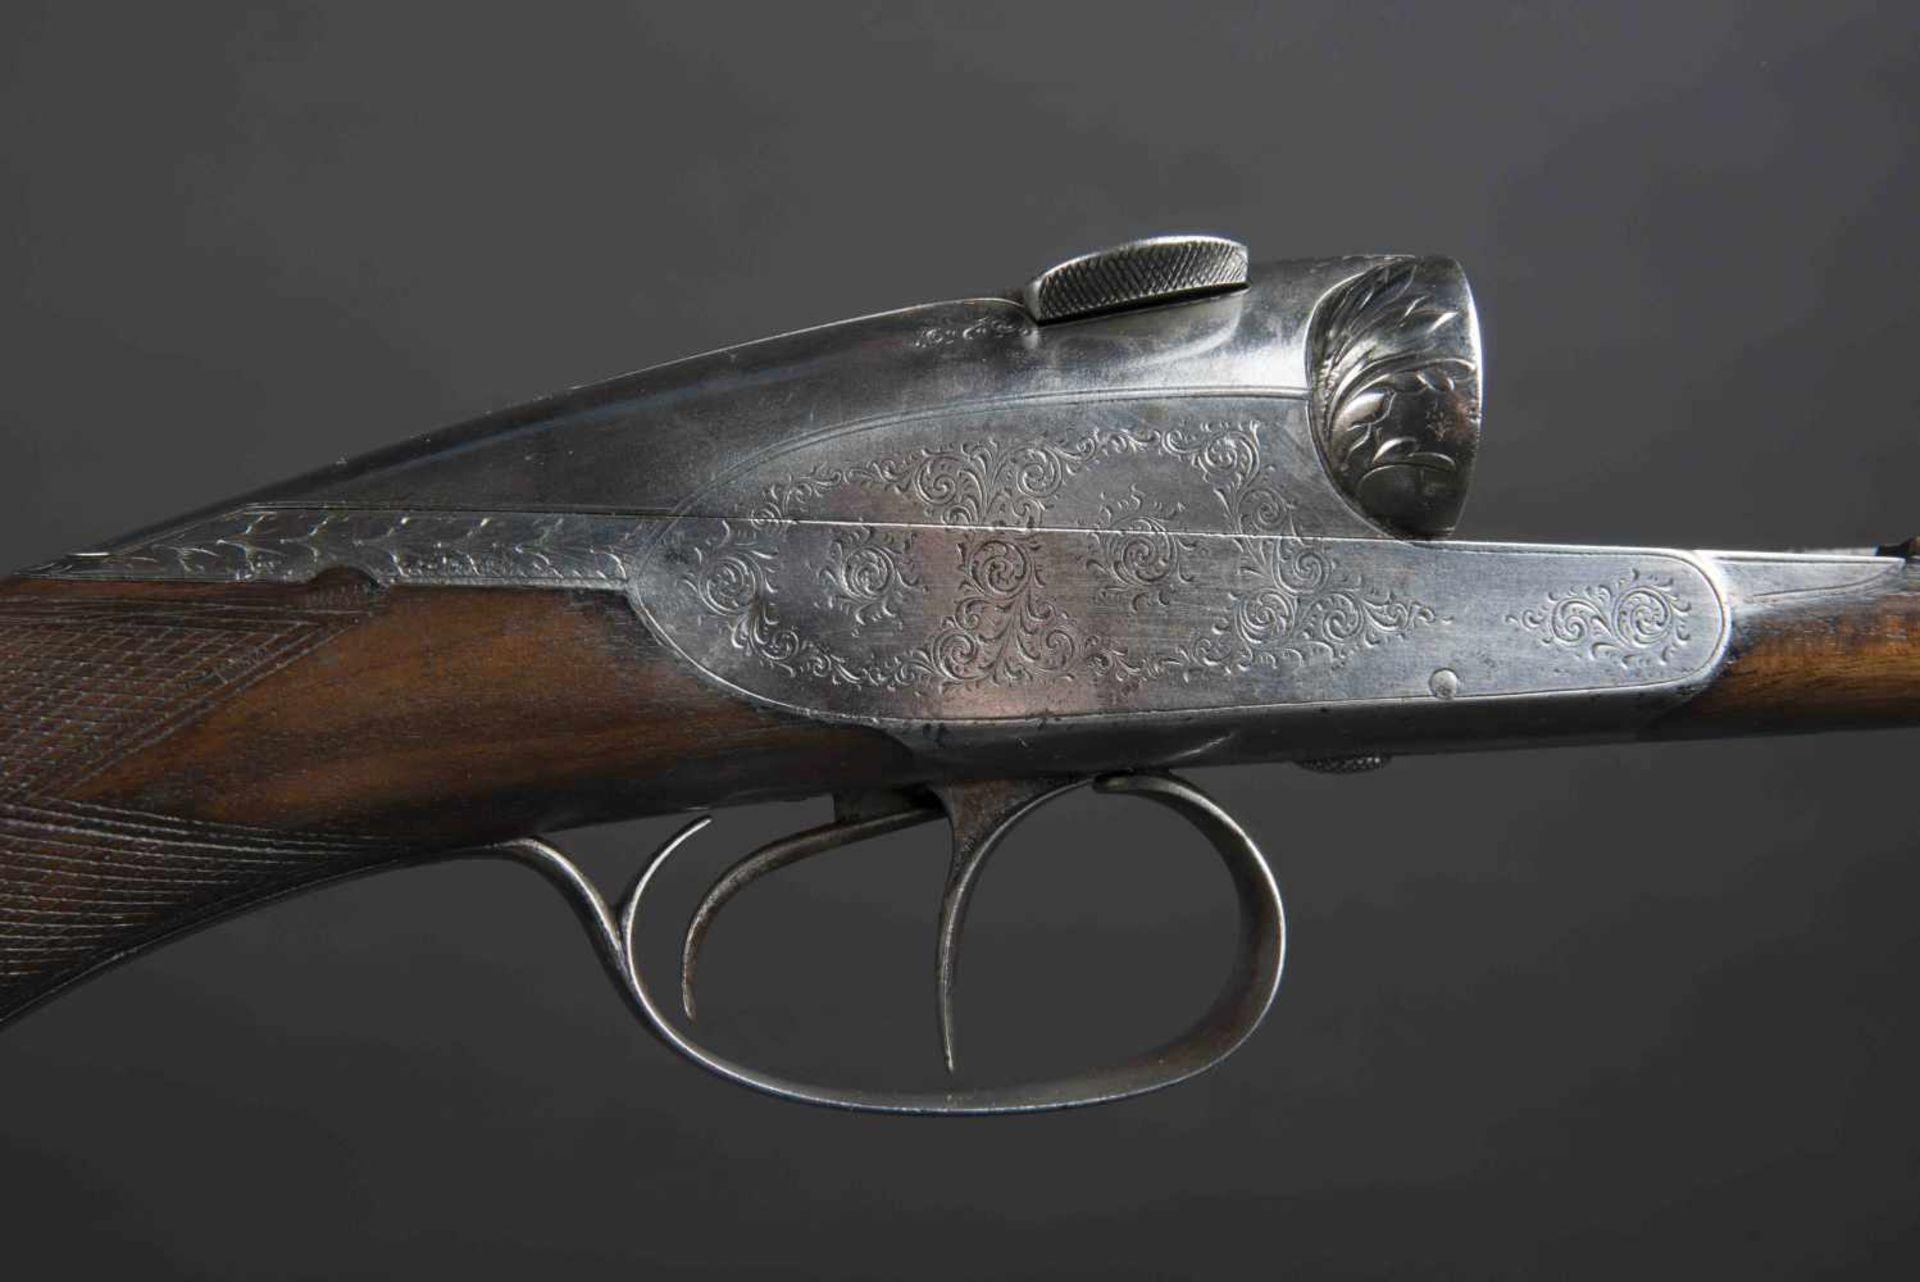 Fusil de chasse Charlin Catégorie C Plaque de couche en caoutchouc, parties métalliques ciselées. - Bild 2 aus 3